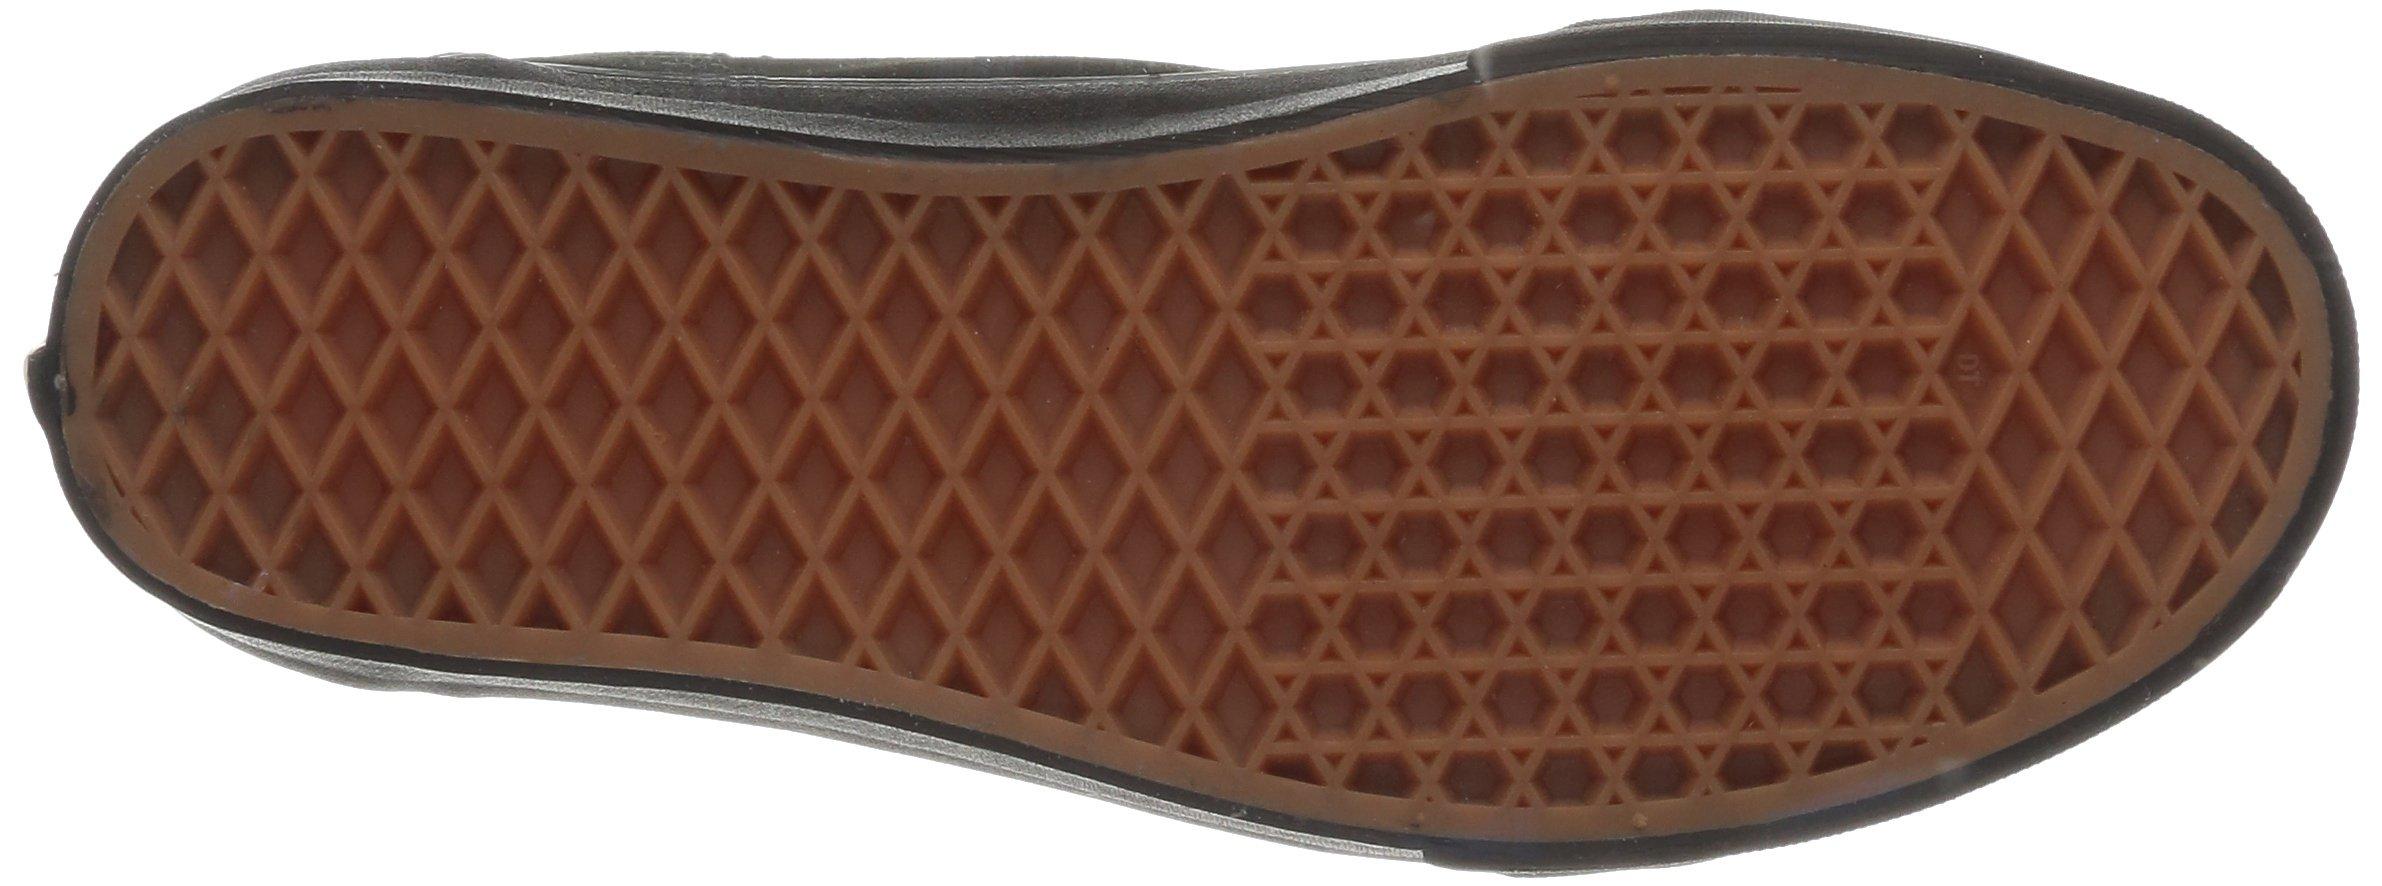 Vans Calzature unisex Old Skool Canvas Skateboard Shoes VD3HBKA Black UK 6